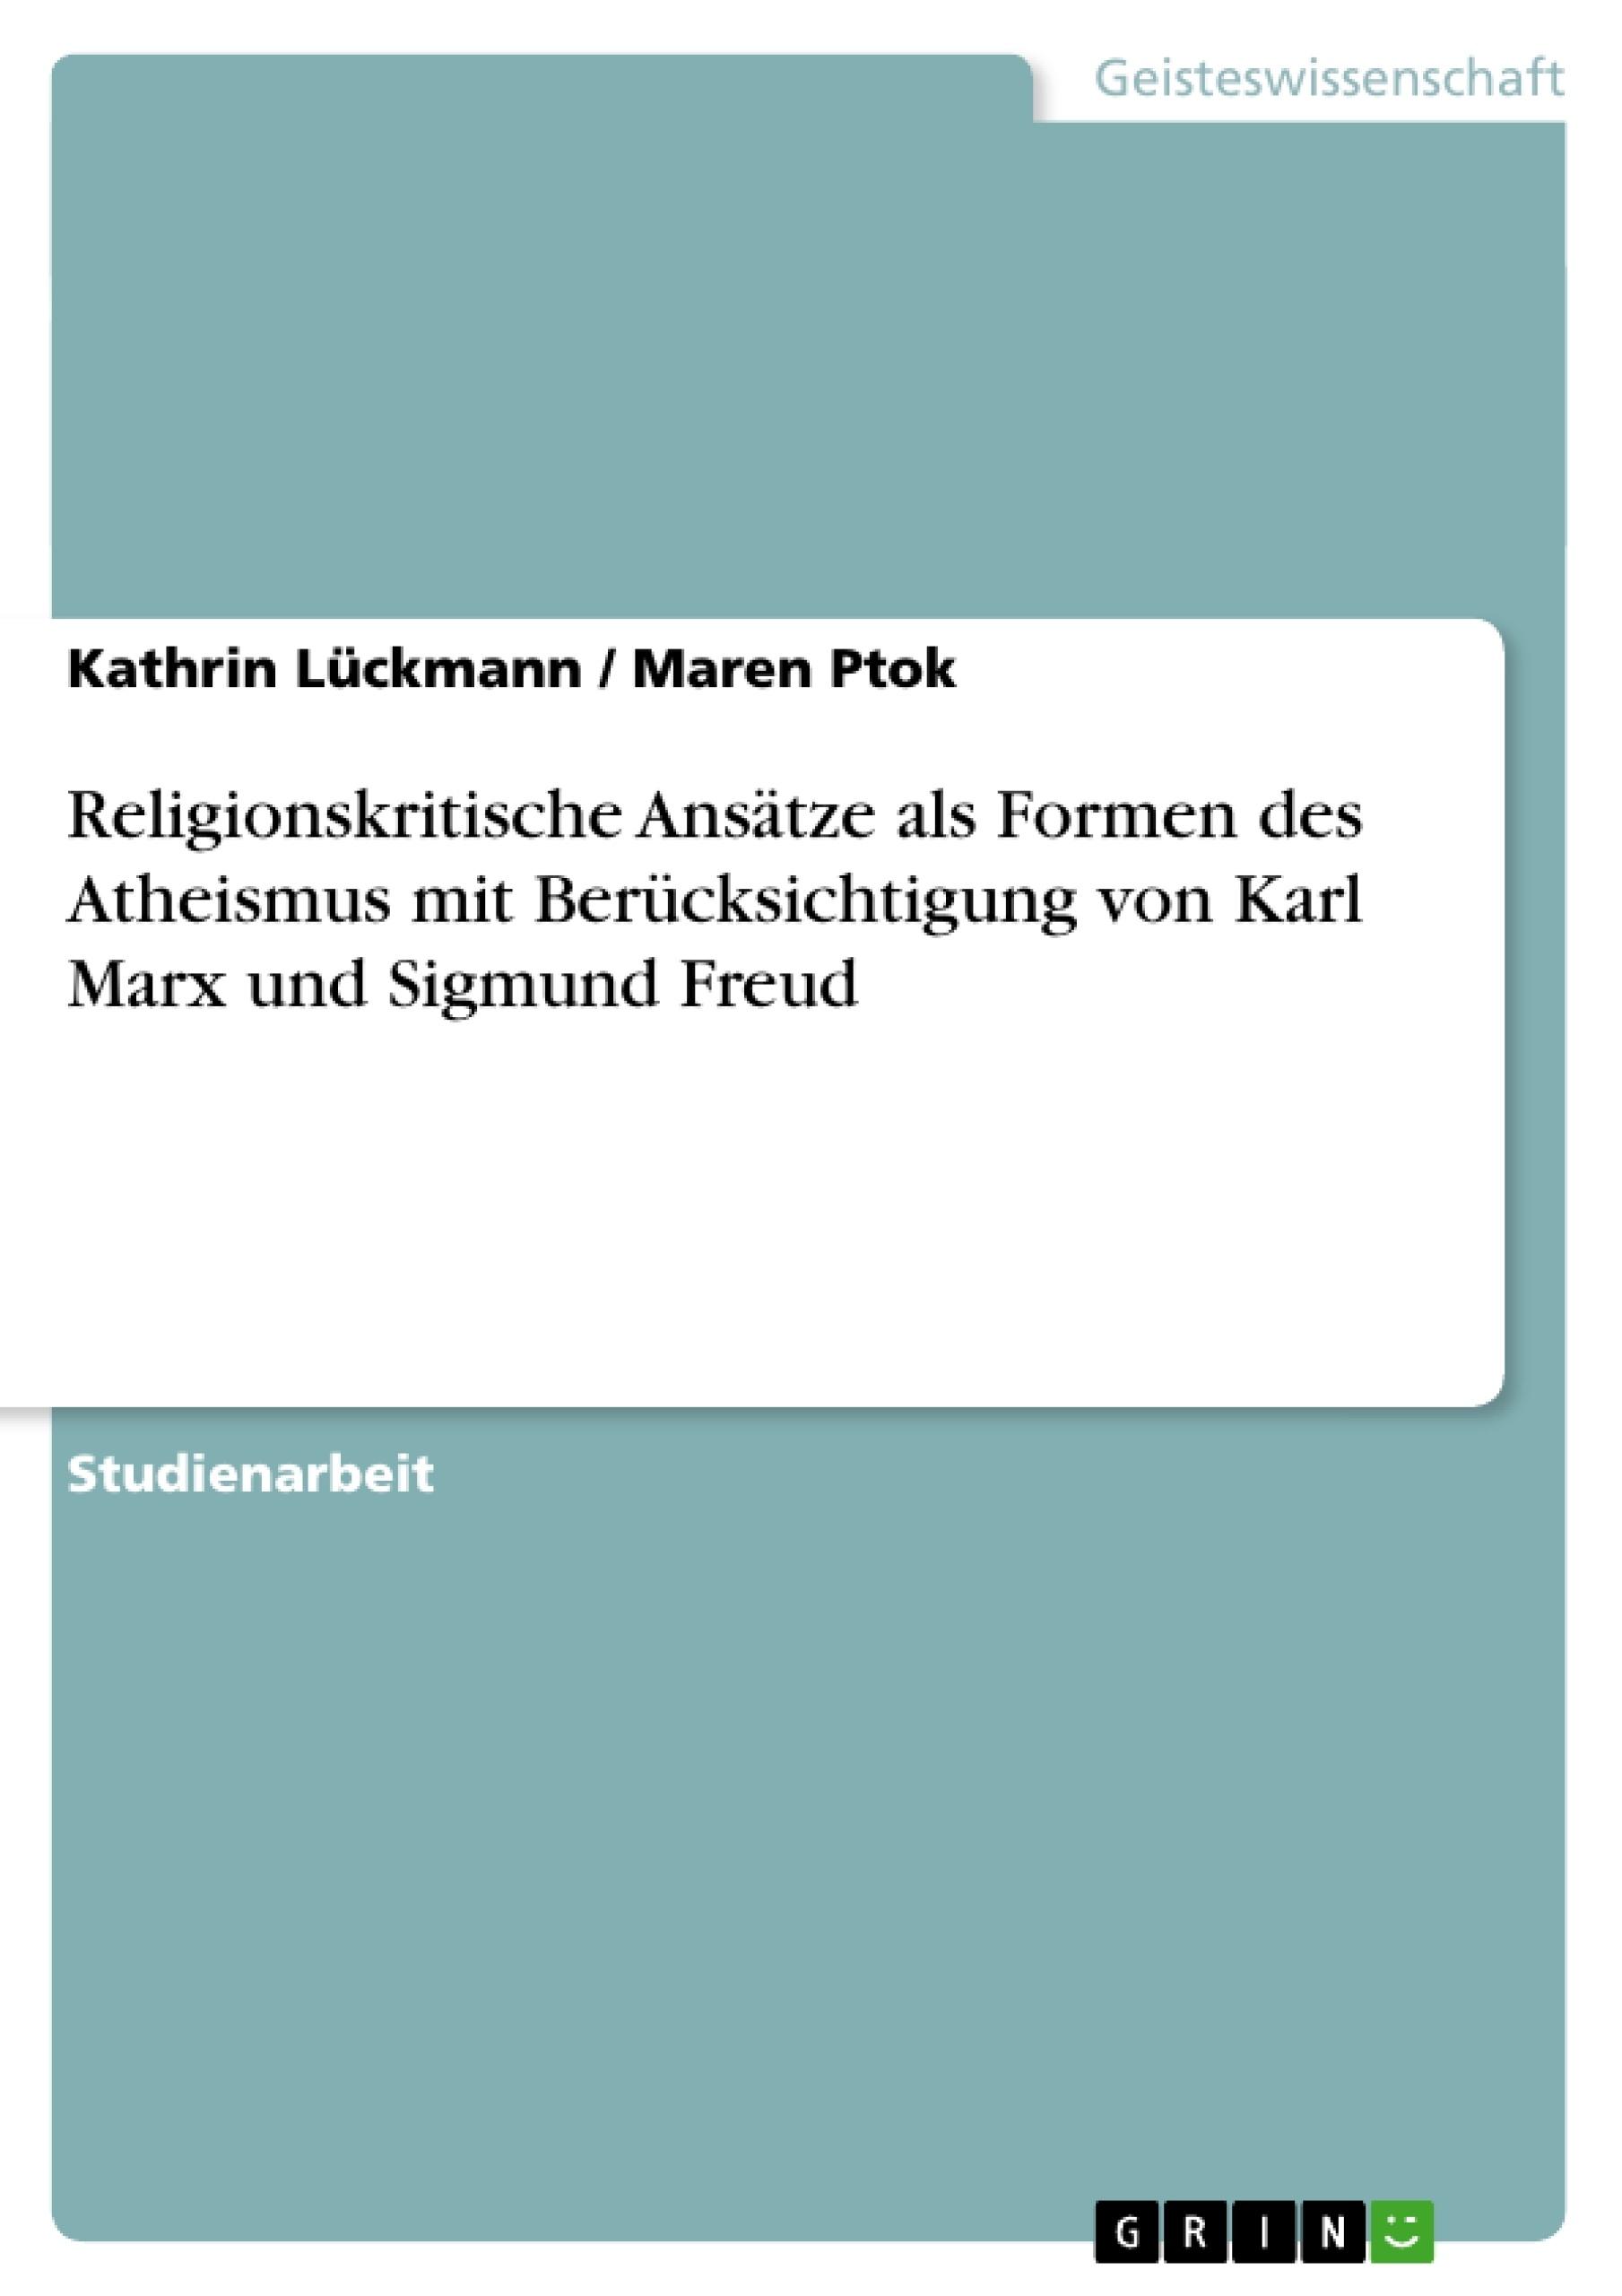 Titel: Religionskritische Ansätze als Formen des Atheismus mit Berücksichtigung von Karl Marx und Sigmund Freud